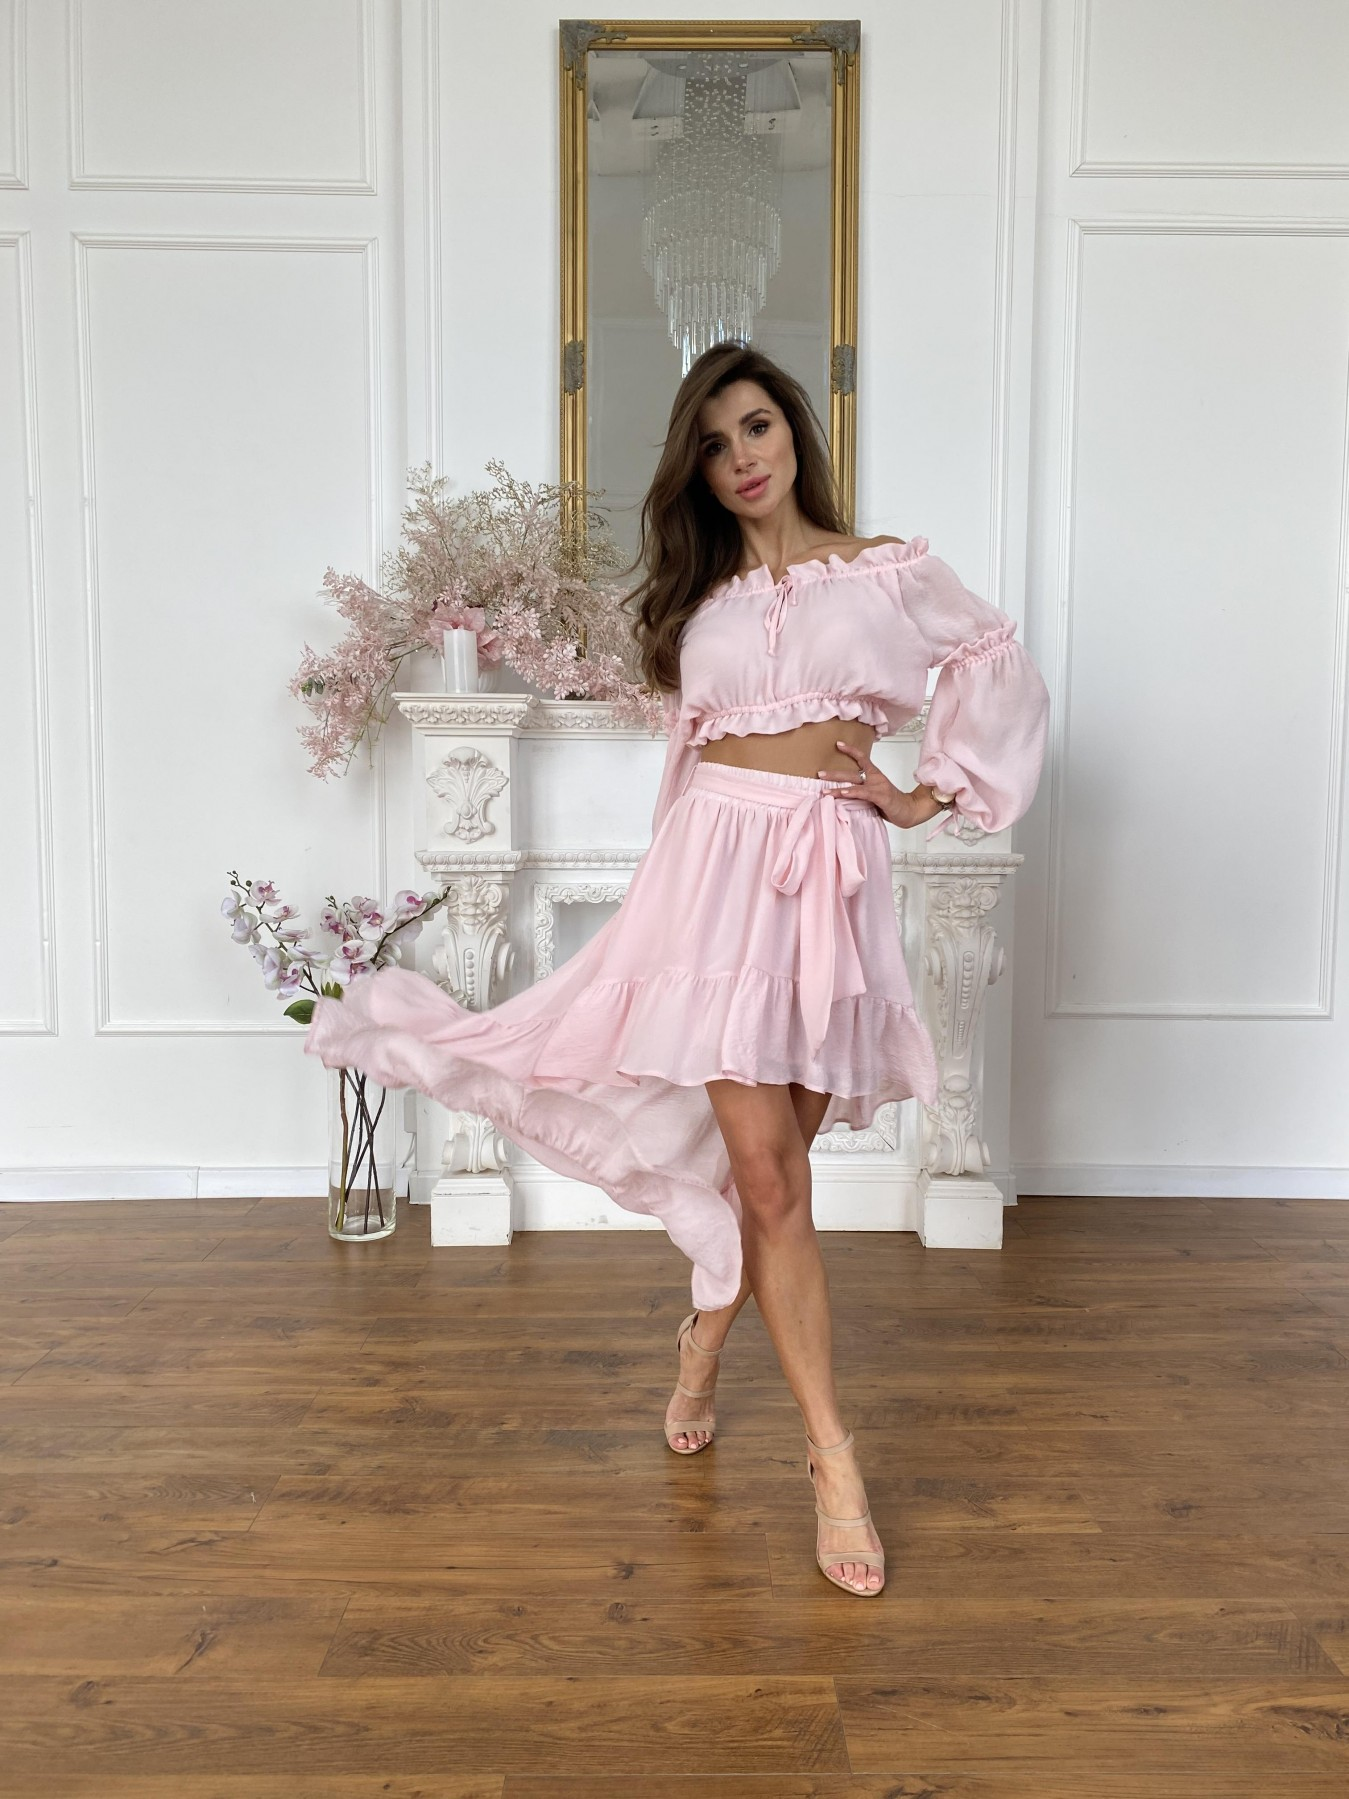 Шалер костюм из креп креш жоржет 11566 АРТ. 48243 Цвет: Розовый Светлый - фото 7, интернет магазин tm-modus.ru